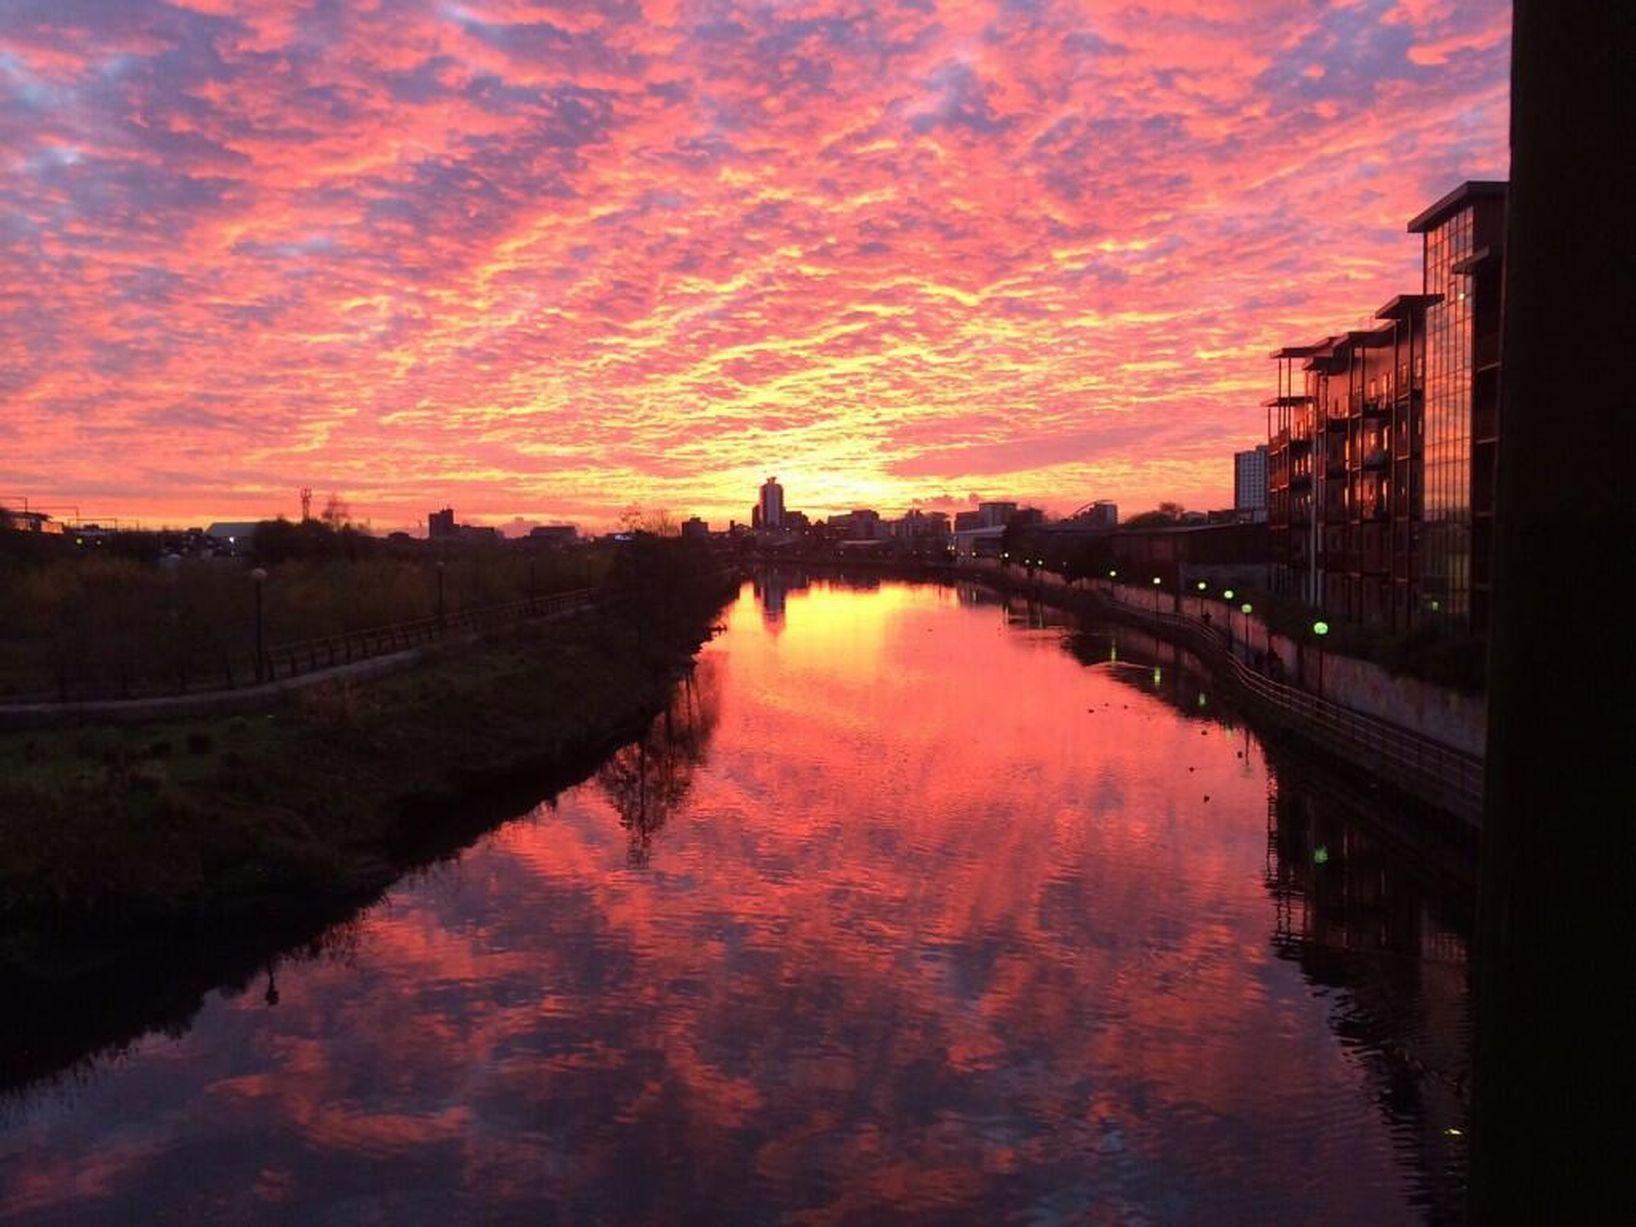 beautiful manchester sunset - Google Search